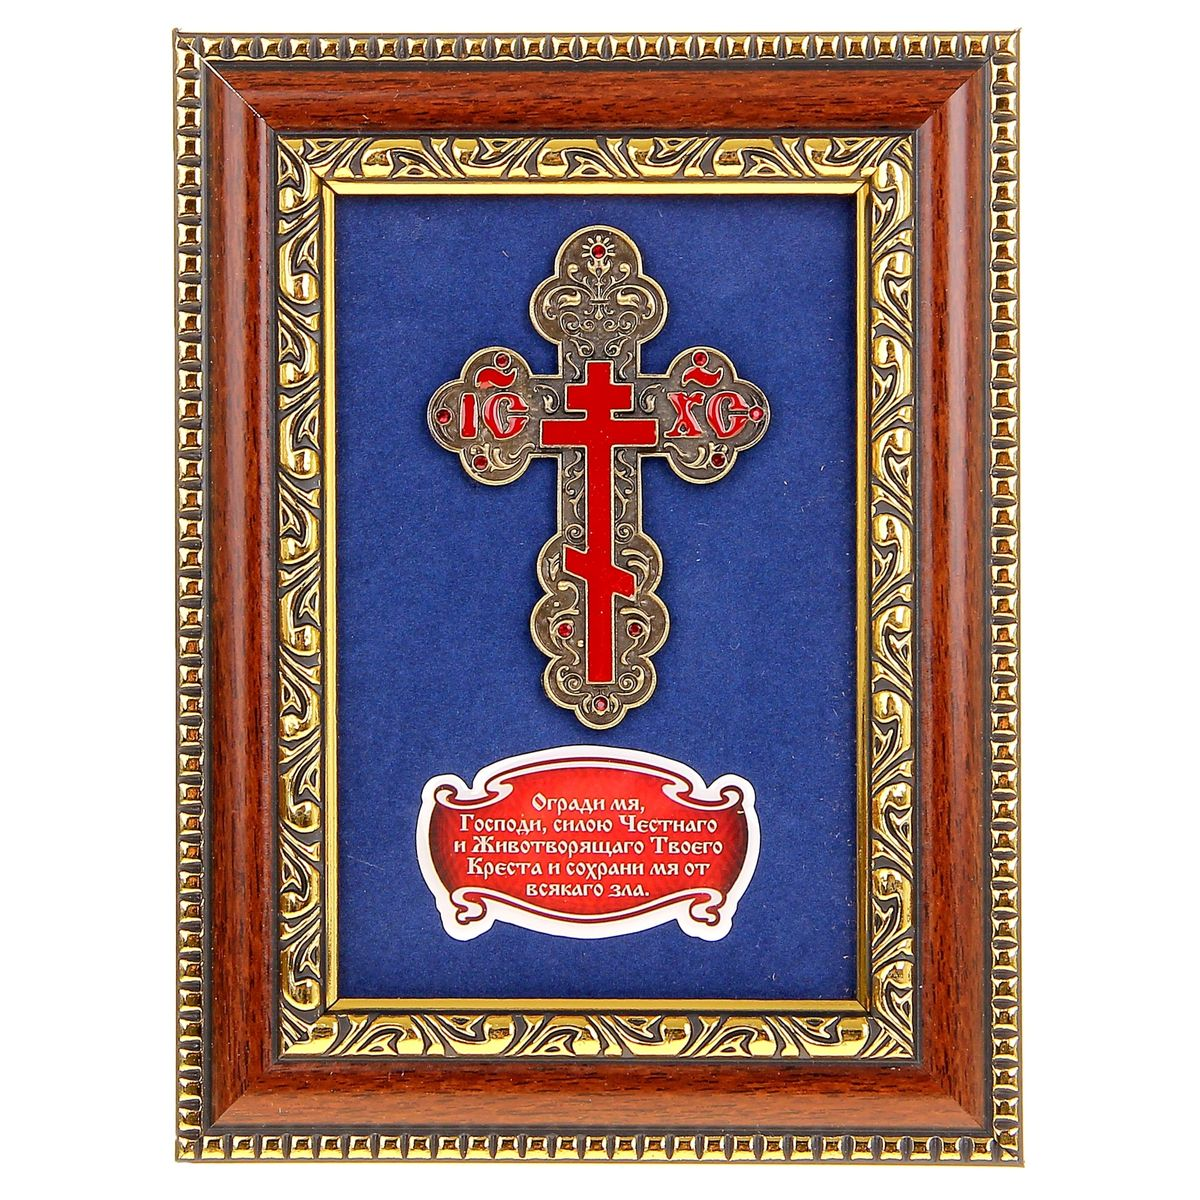 Панно Православный крест, 14,5 х 19,5 см871078Панно Православный крест представляет собой металлический крест, размещенный на картонной подложке синего цвета. Ниже расположена табличка с молитвой Огради мя, Господи, силою Честнаго и Животворящего Твоего Креста и сохрани мя от всякого зла. Крест украшенизысканным рельефом, покрыт эмалью и инкрустирован мелкими красными стразами. Рамка для панно с золотистым узорным рельефом выполнена из дерева. Панно можно подвесить на стену или поставить на стол, для чего с задней стороны предусмотрена специальная ножка. Любое помещение выглядит незавершенным без правильно расположенных предметов интерьера. Они помогают создать уют, расставить акценты, подчеркнуть достоинства или скрыть недостатки. Не бывает незначительных деталей. Из мелочей складывается образ человека и стиль интерьера. Панно Православный крест - одна из тех деталей, которые придают дому обжитой вид и создают ощущение уюта.